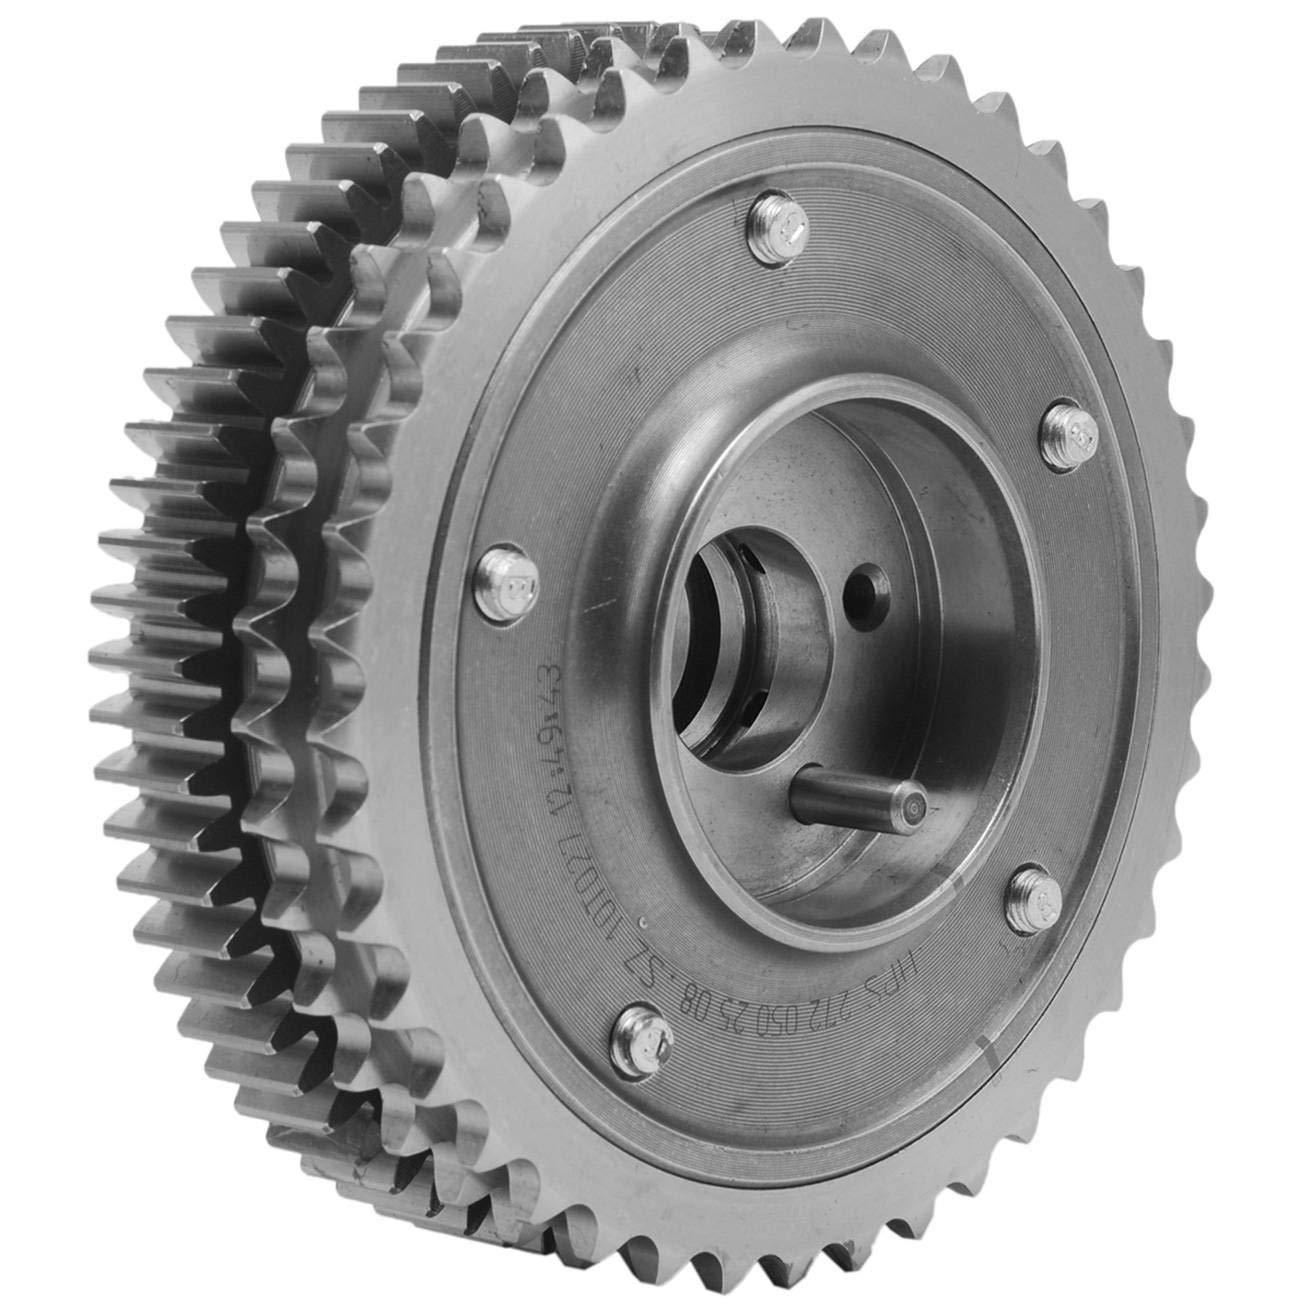 Sprocket for Select Chrysler VVT Dorman 916-538 Engine Variable Valve Timing Jeep Models Dodge